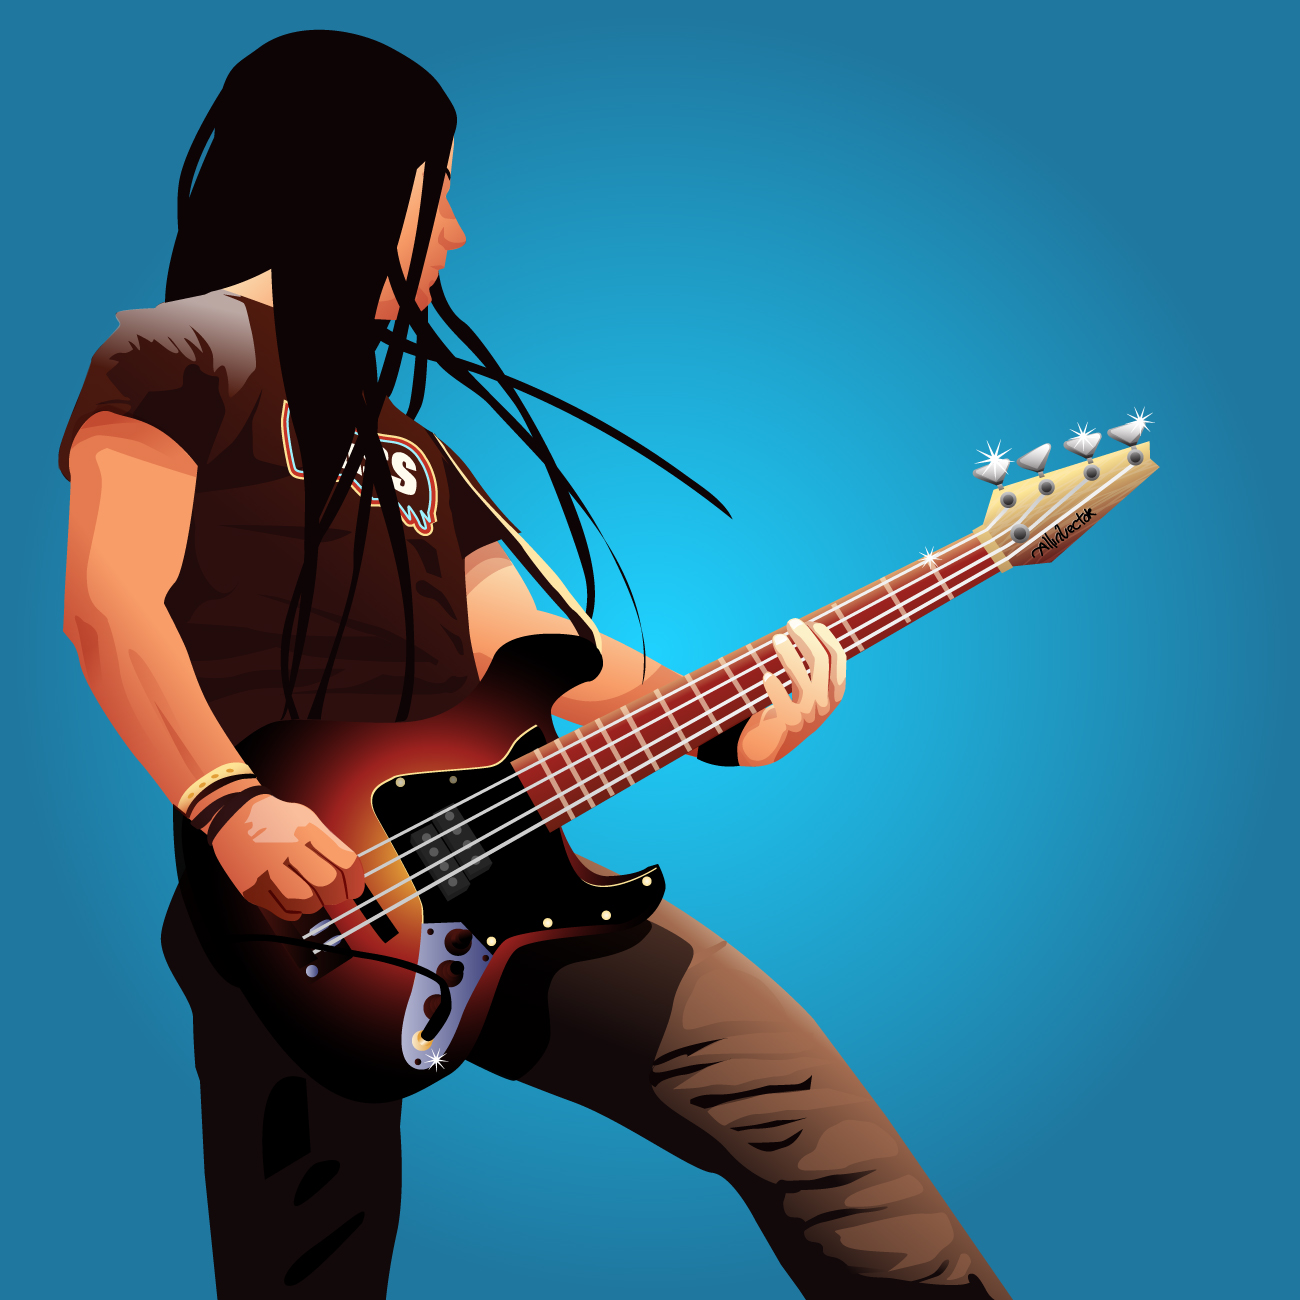 басист2.jpg